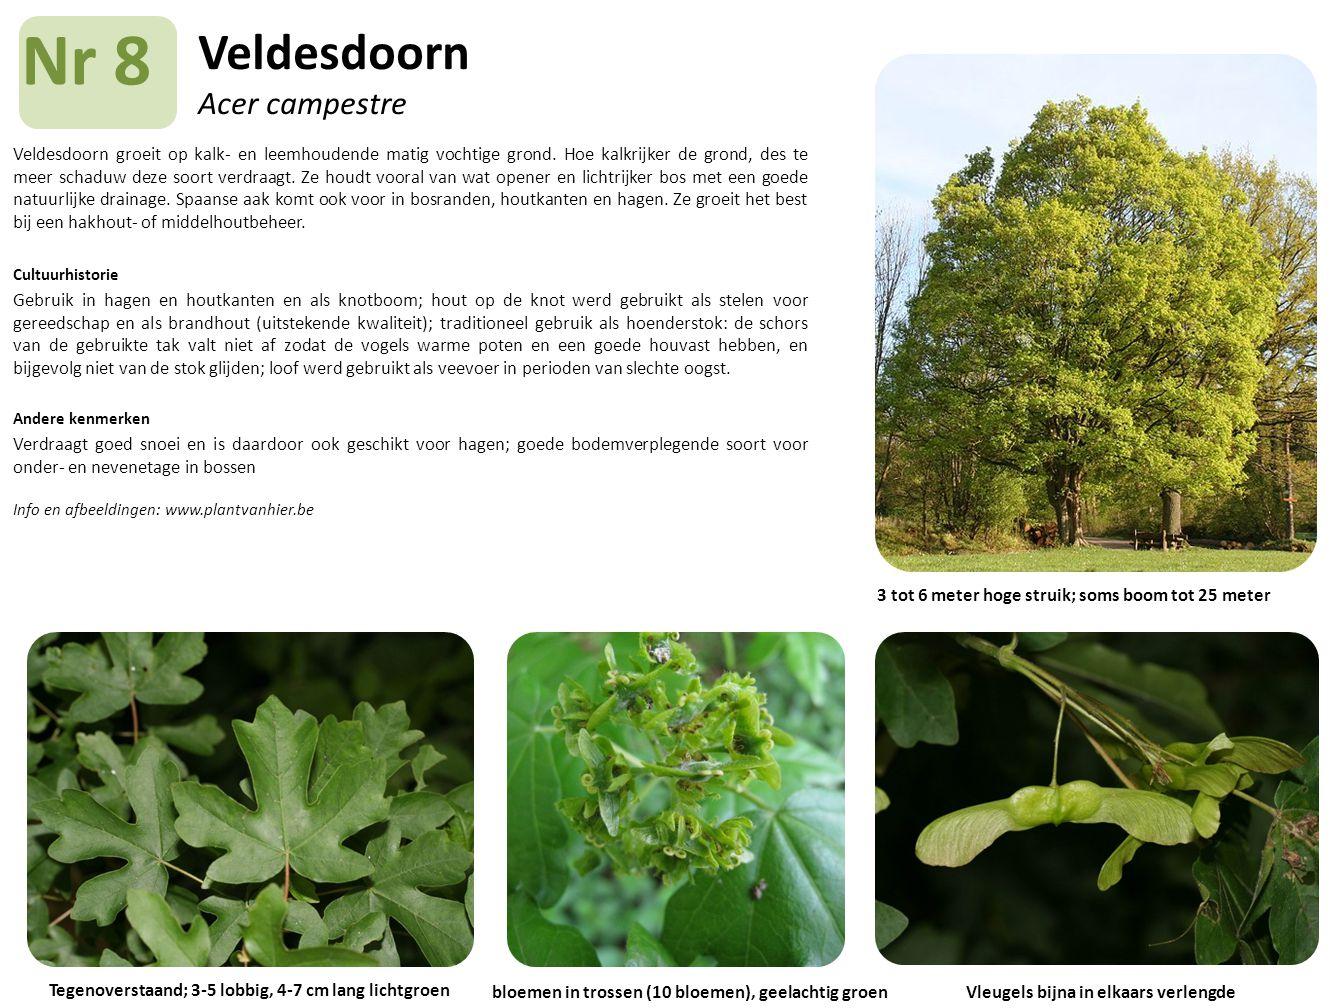 Veldesdoorn Acer campestre Veldesdoorn groeit op kalk- en leemhoudende matig vochtige grond. Hoe kalkrijker de grond, des te meer schaduw deze soort v